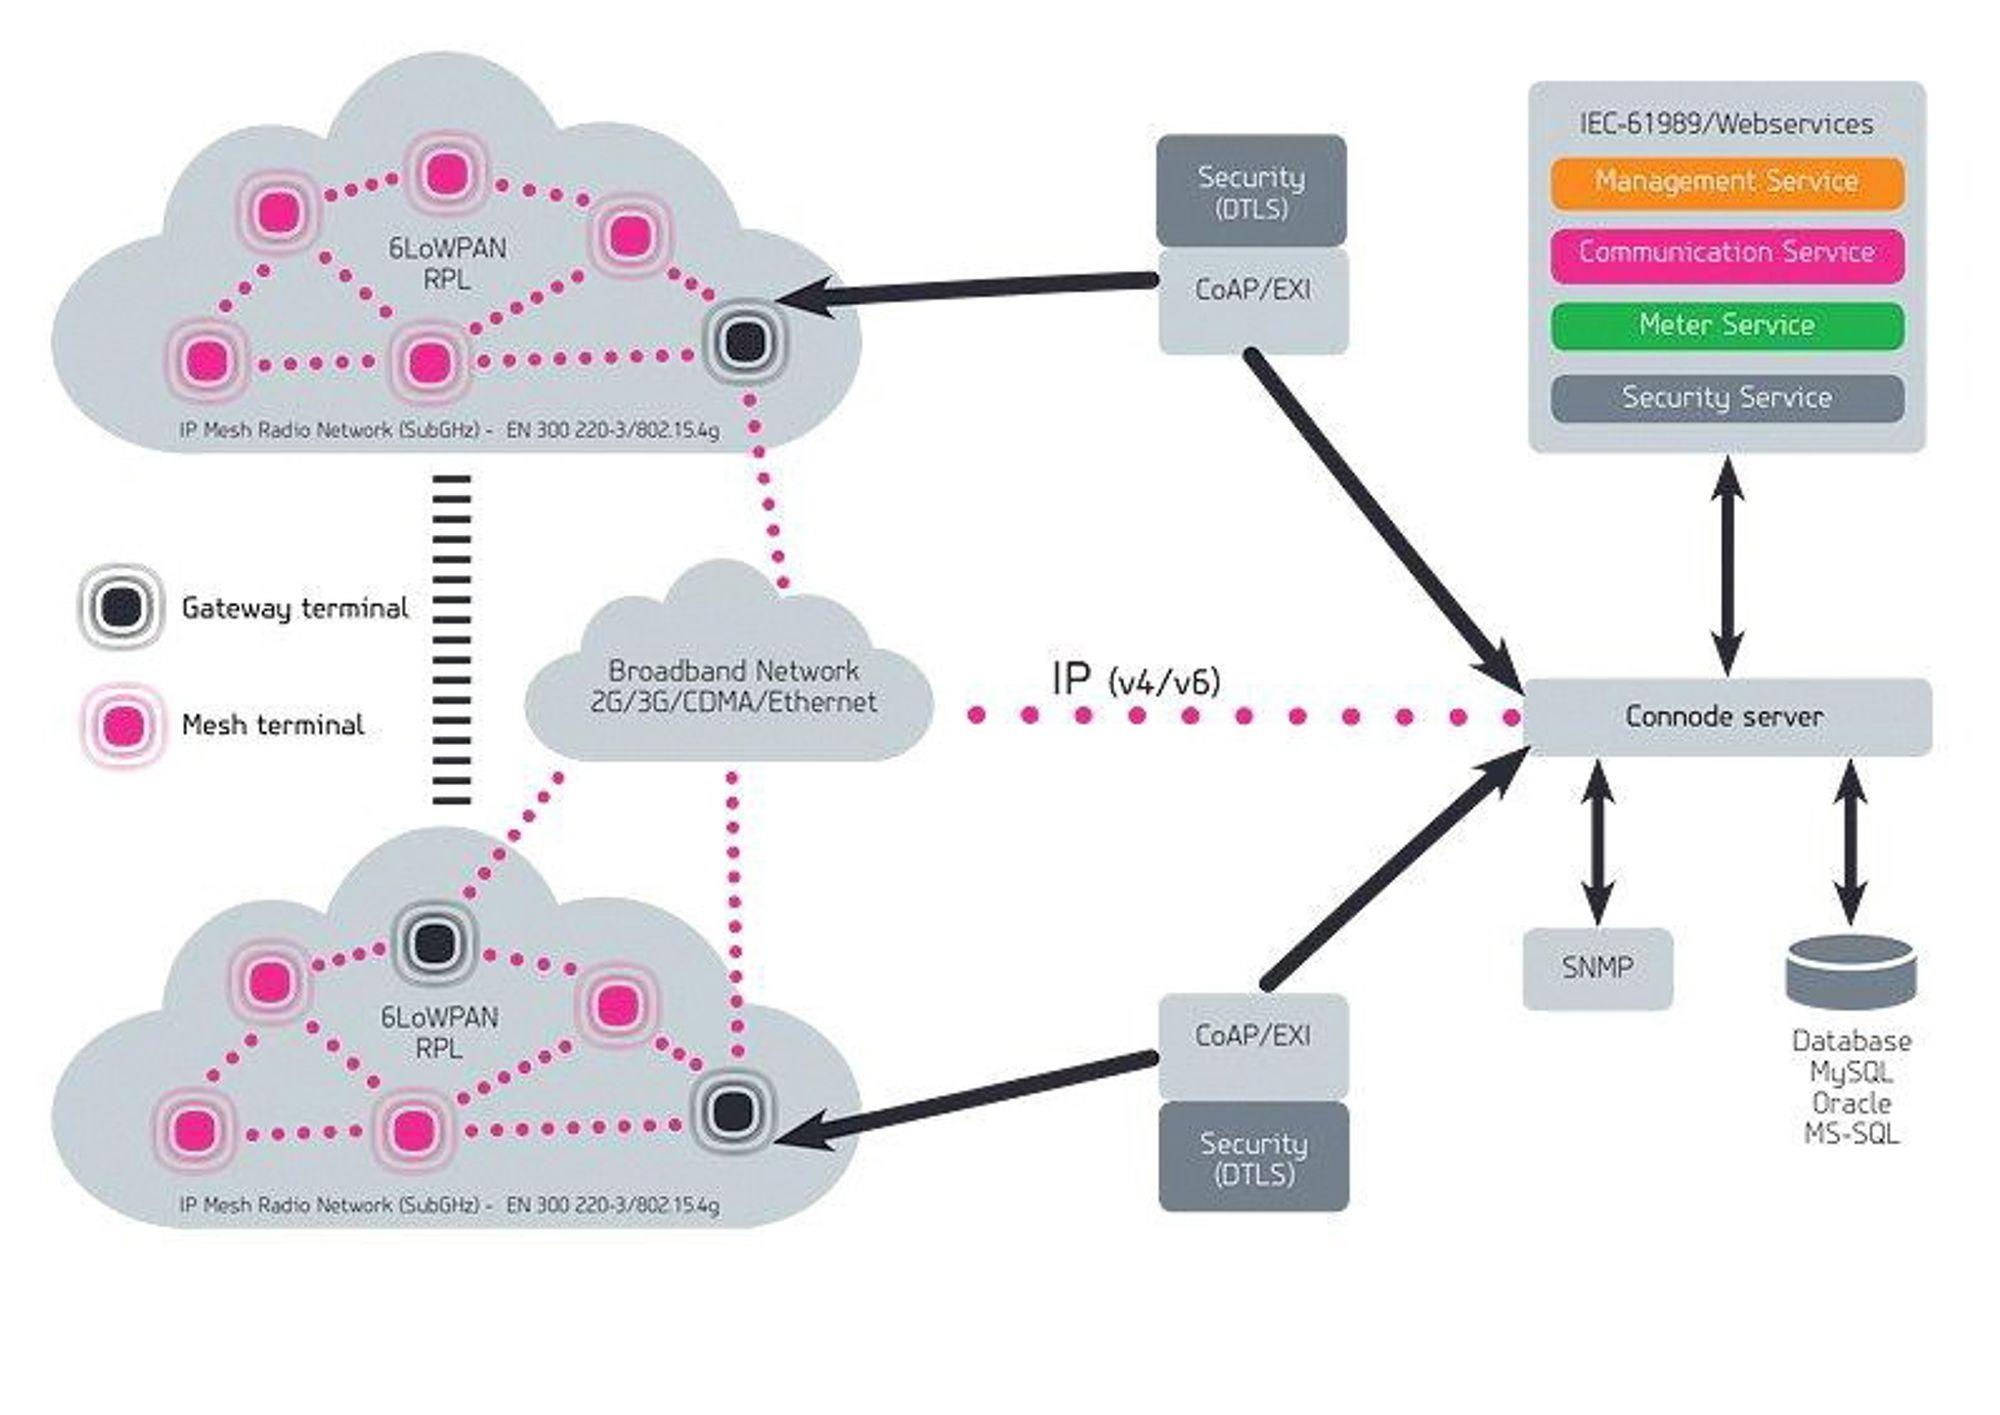 Skisse av IPv6-maskenettverket for smarte strømmålere.